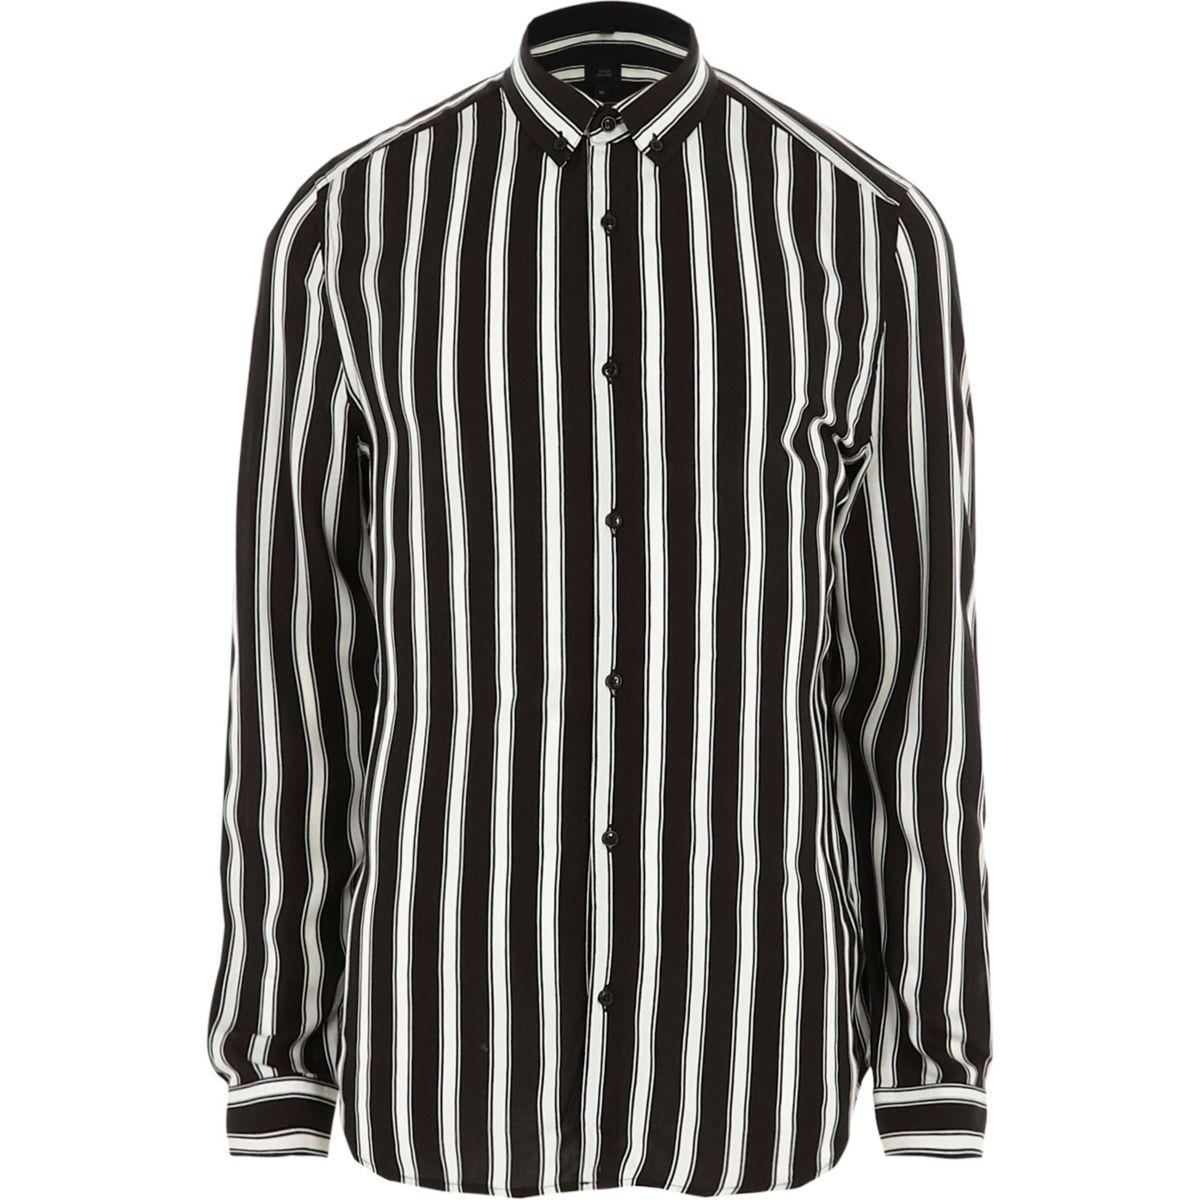 Chemise slim rayée noire boutonnée